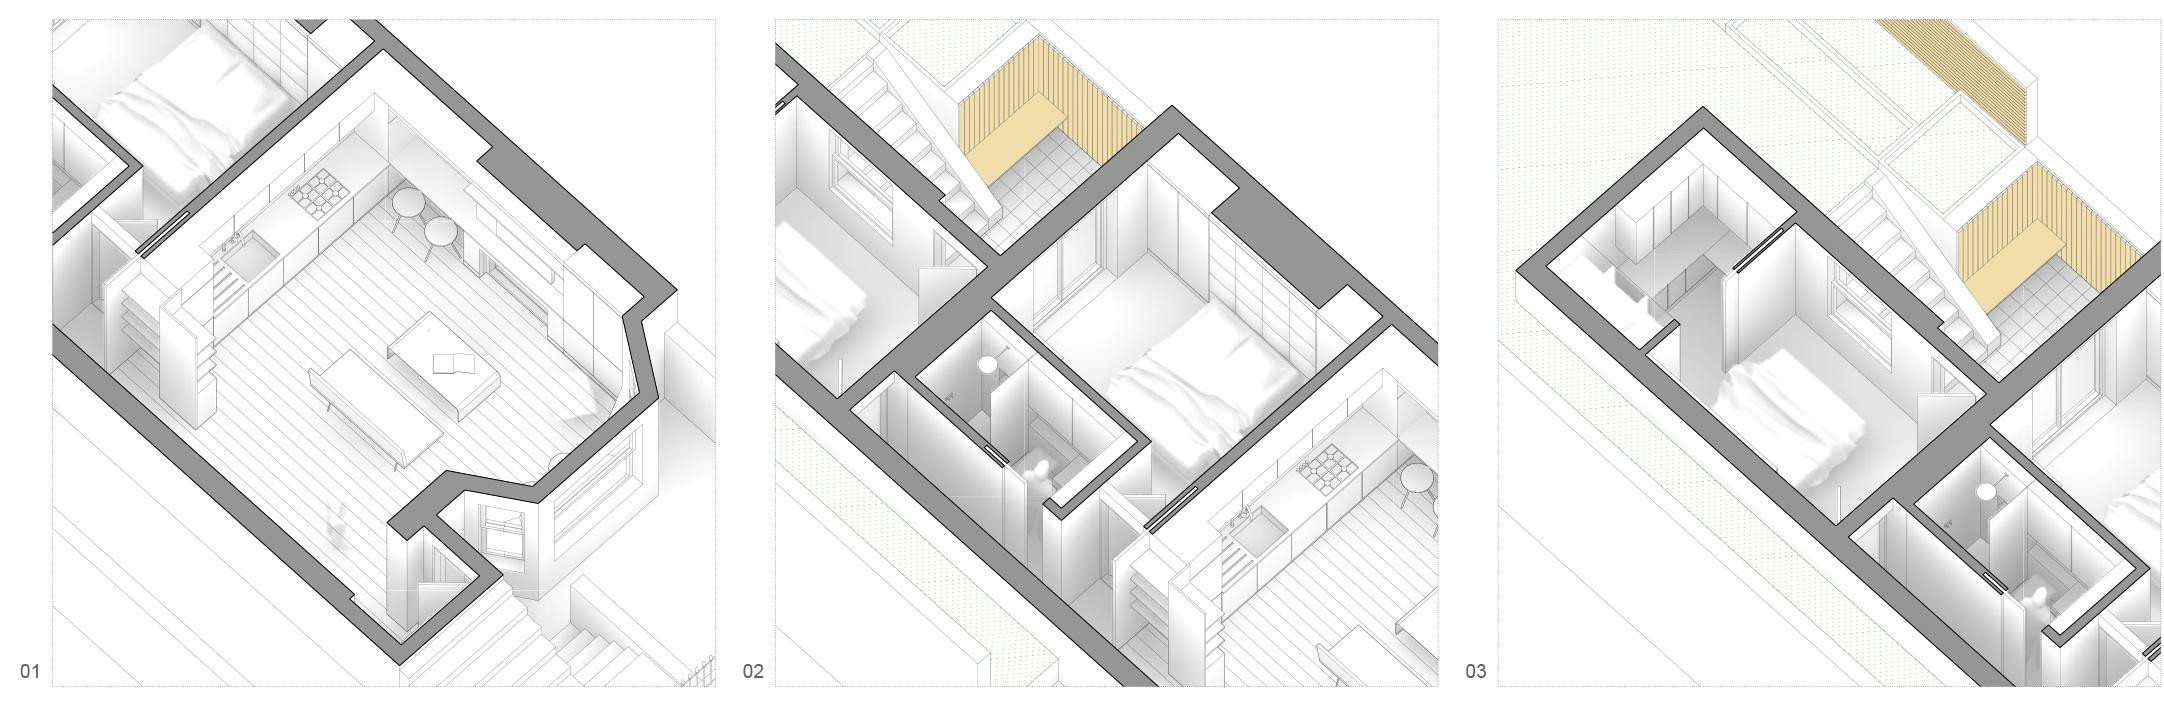 ALEKSA studio_01.jpg